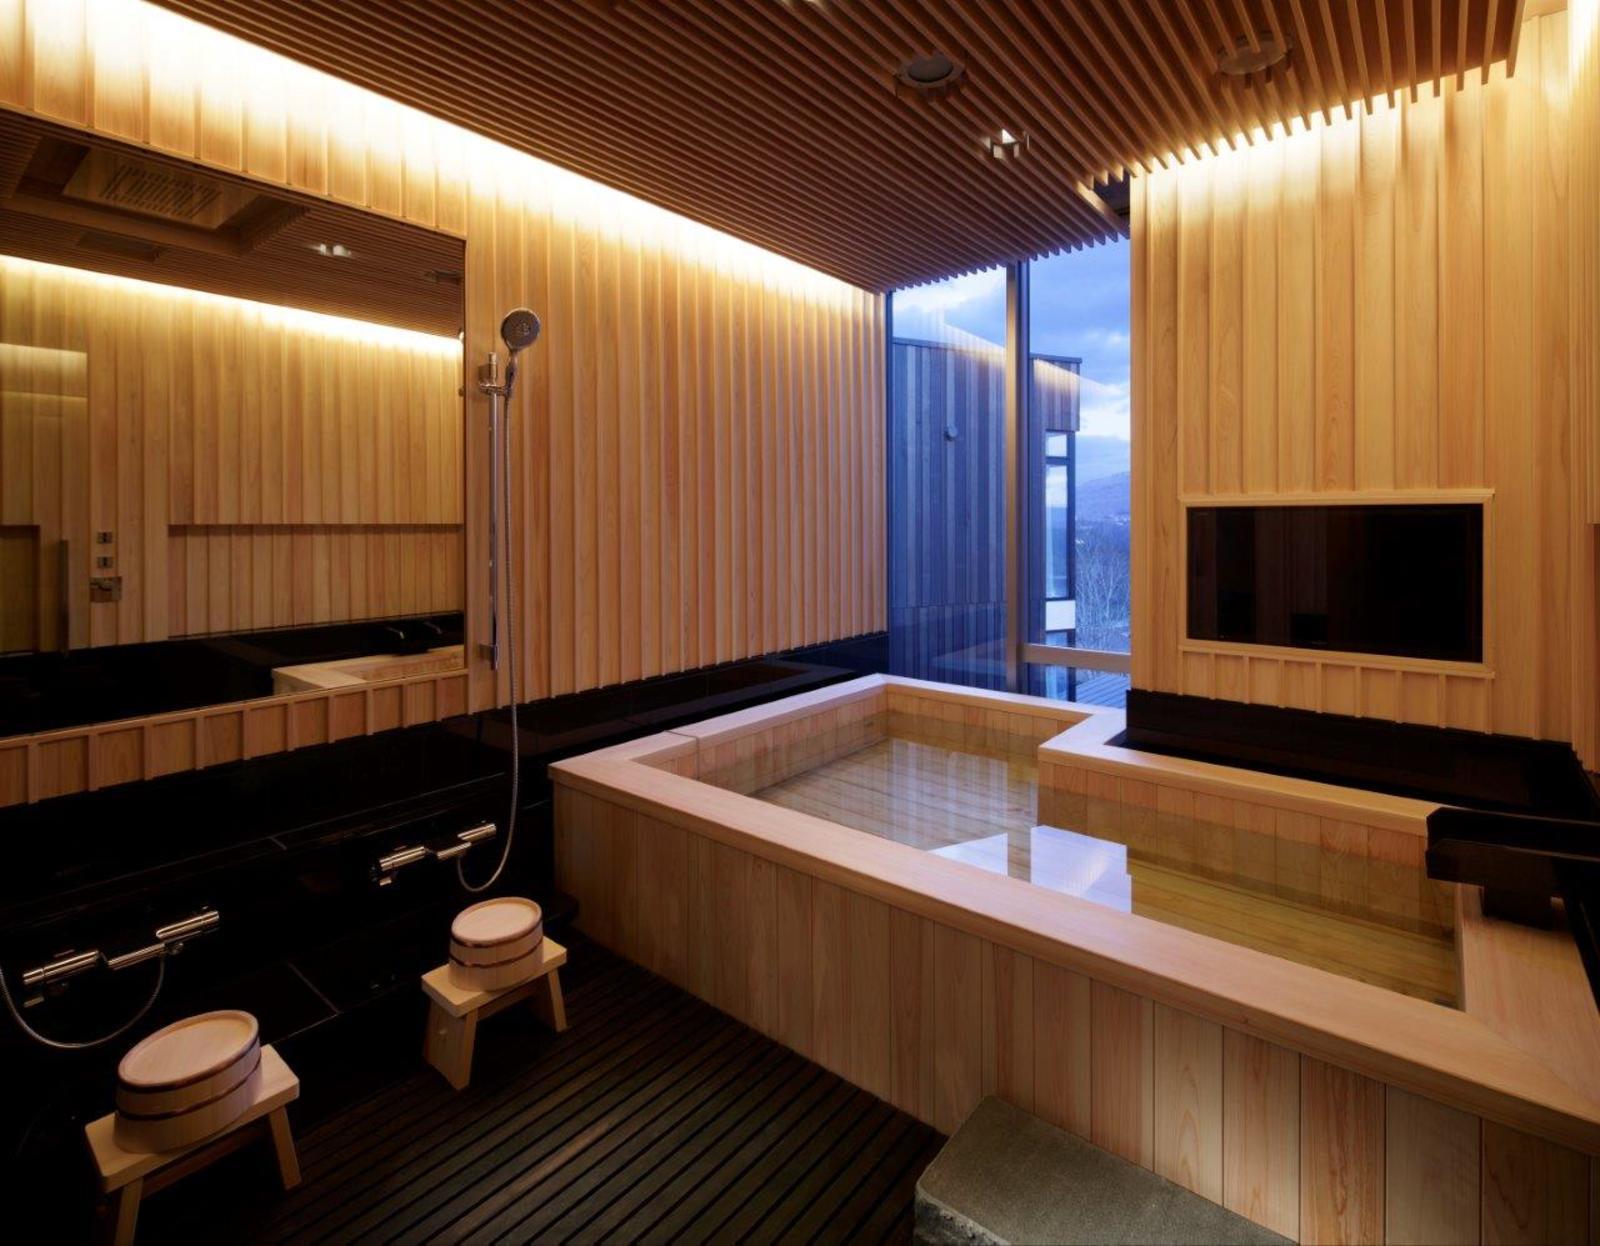 Terrazze penthouse bath area large